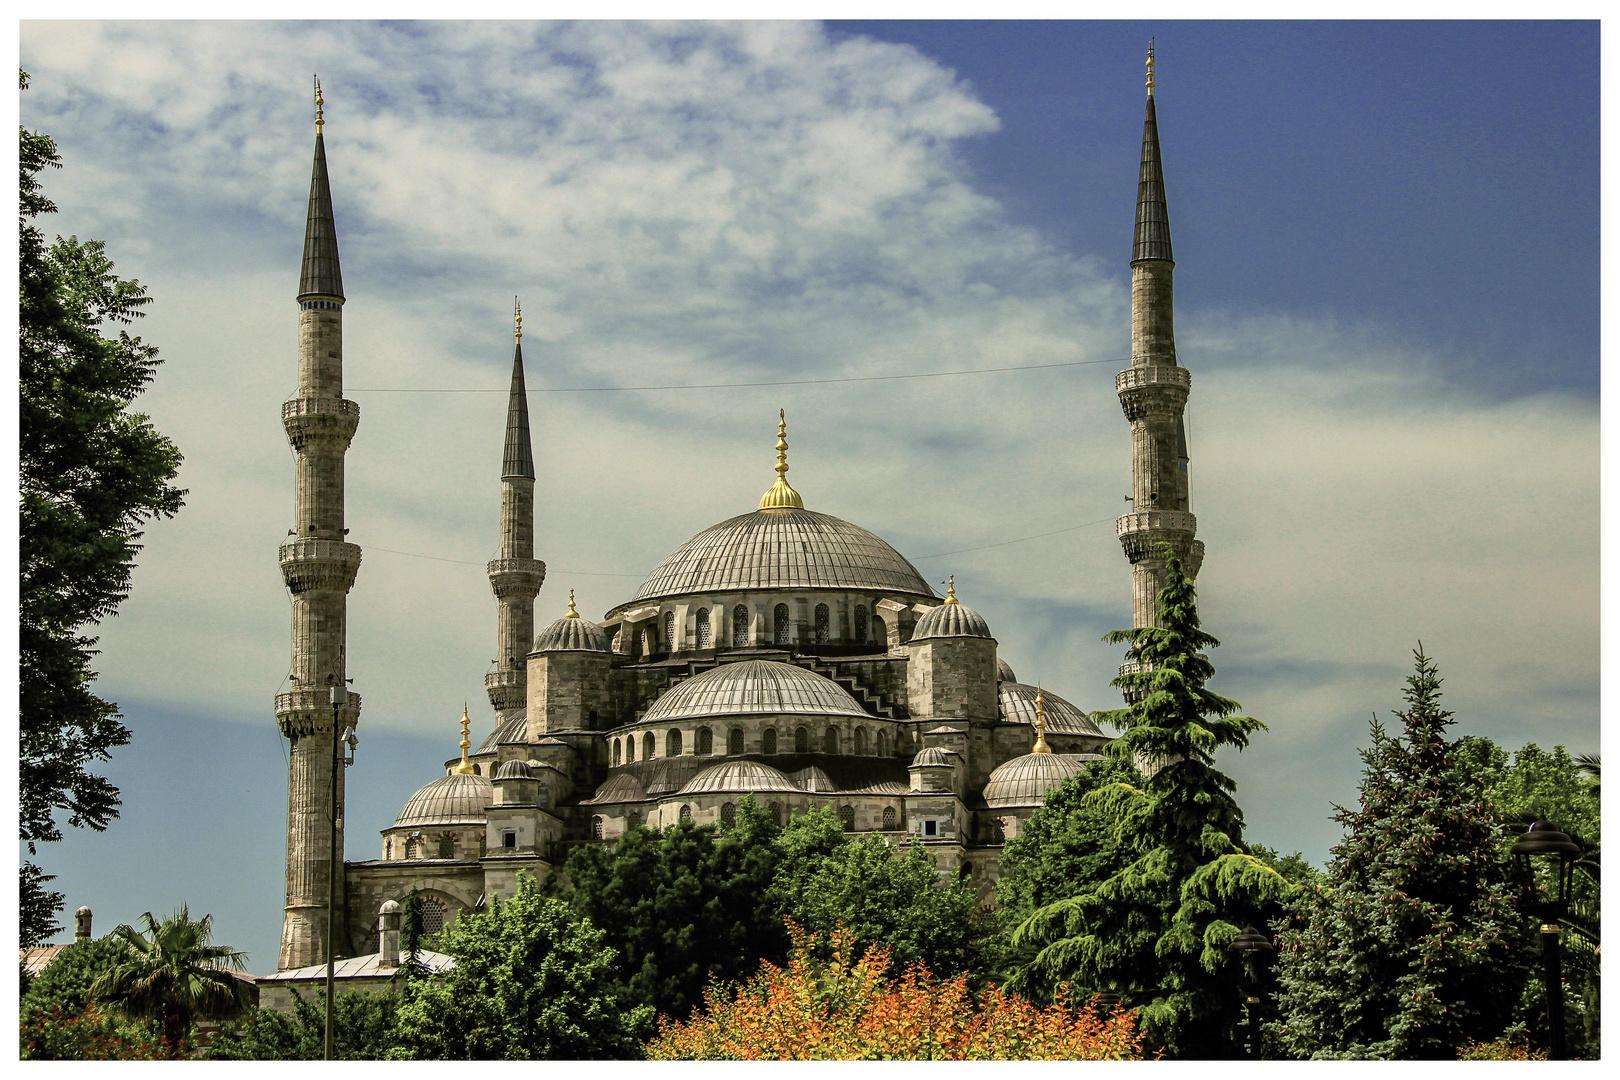 Blaue Moschee oder Sultan-Ahmed-Moschee